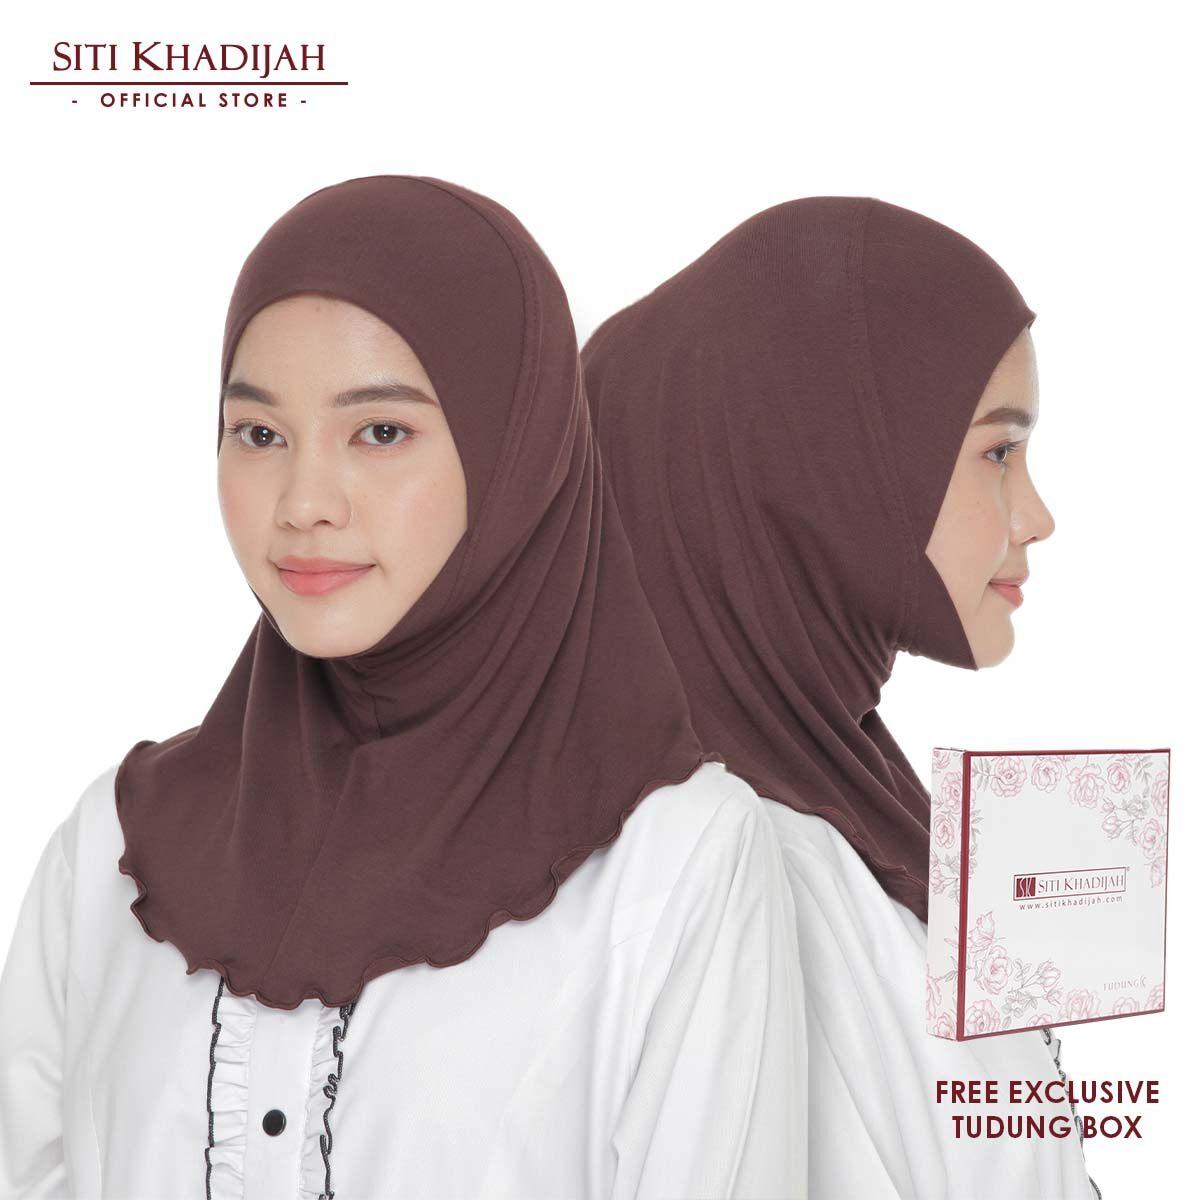 Siti Khadijah 2x Anak Tudung Cotton Brown (Free Tudung Box)